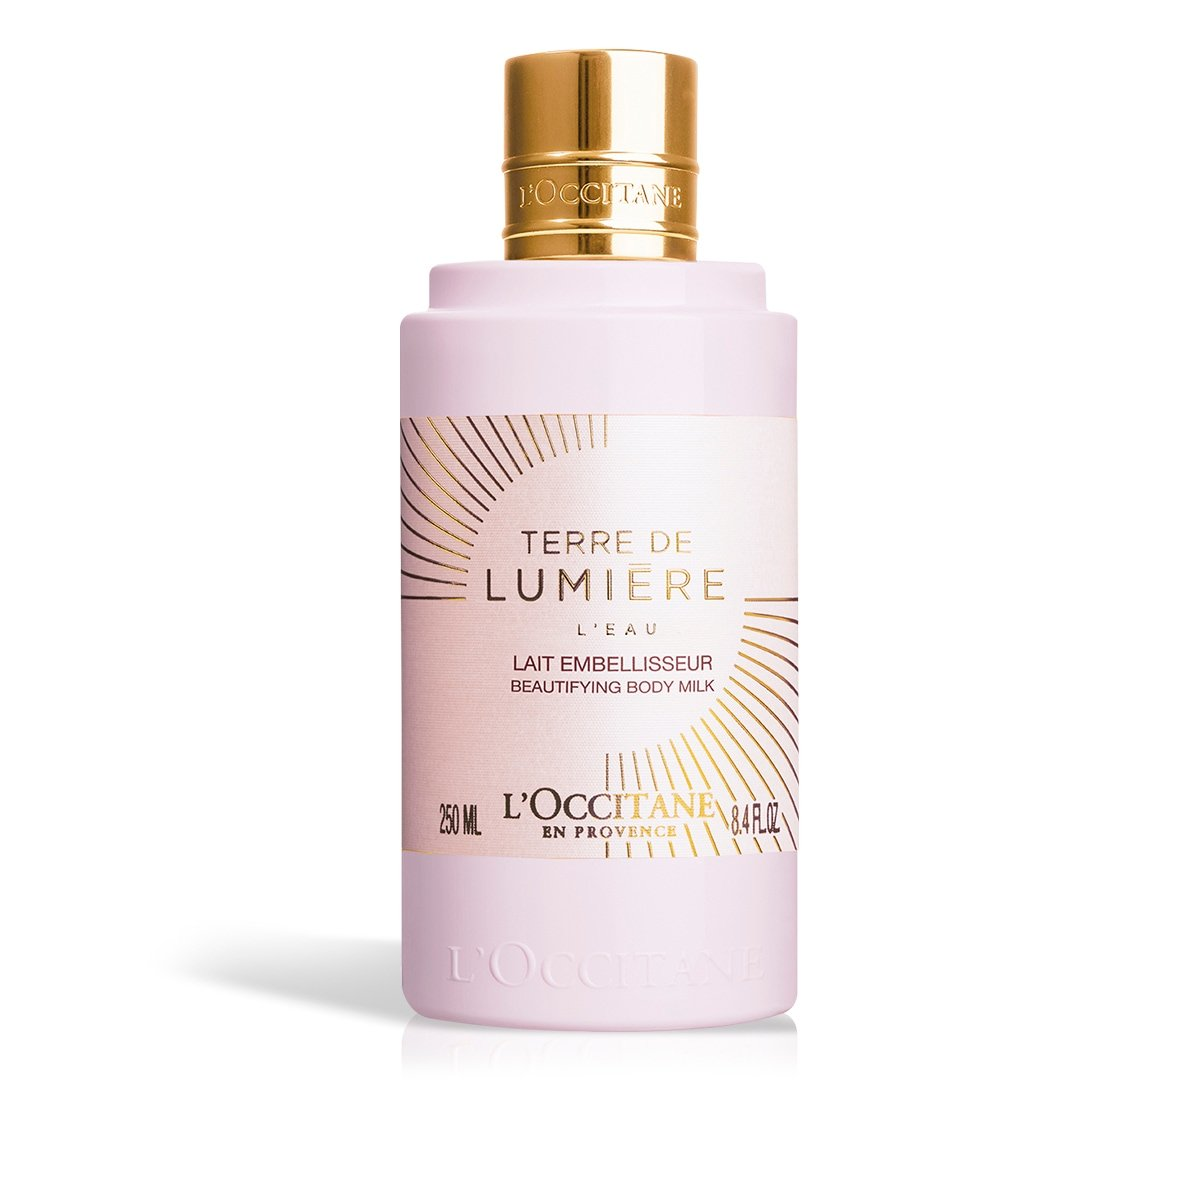 L'OCCITANE - Lait Embellisseur Corps Terre de Lumière L'Eau - 250 ml L' OCCITANE